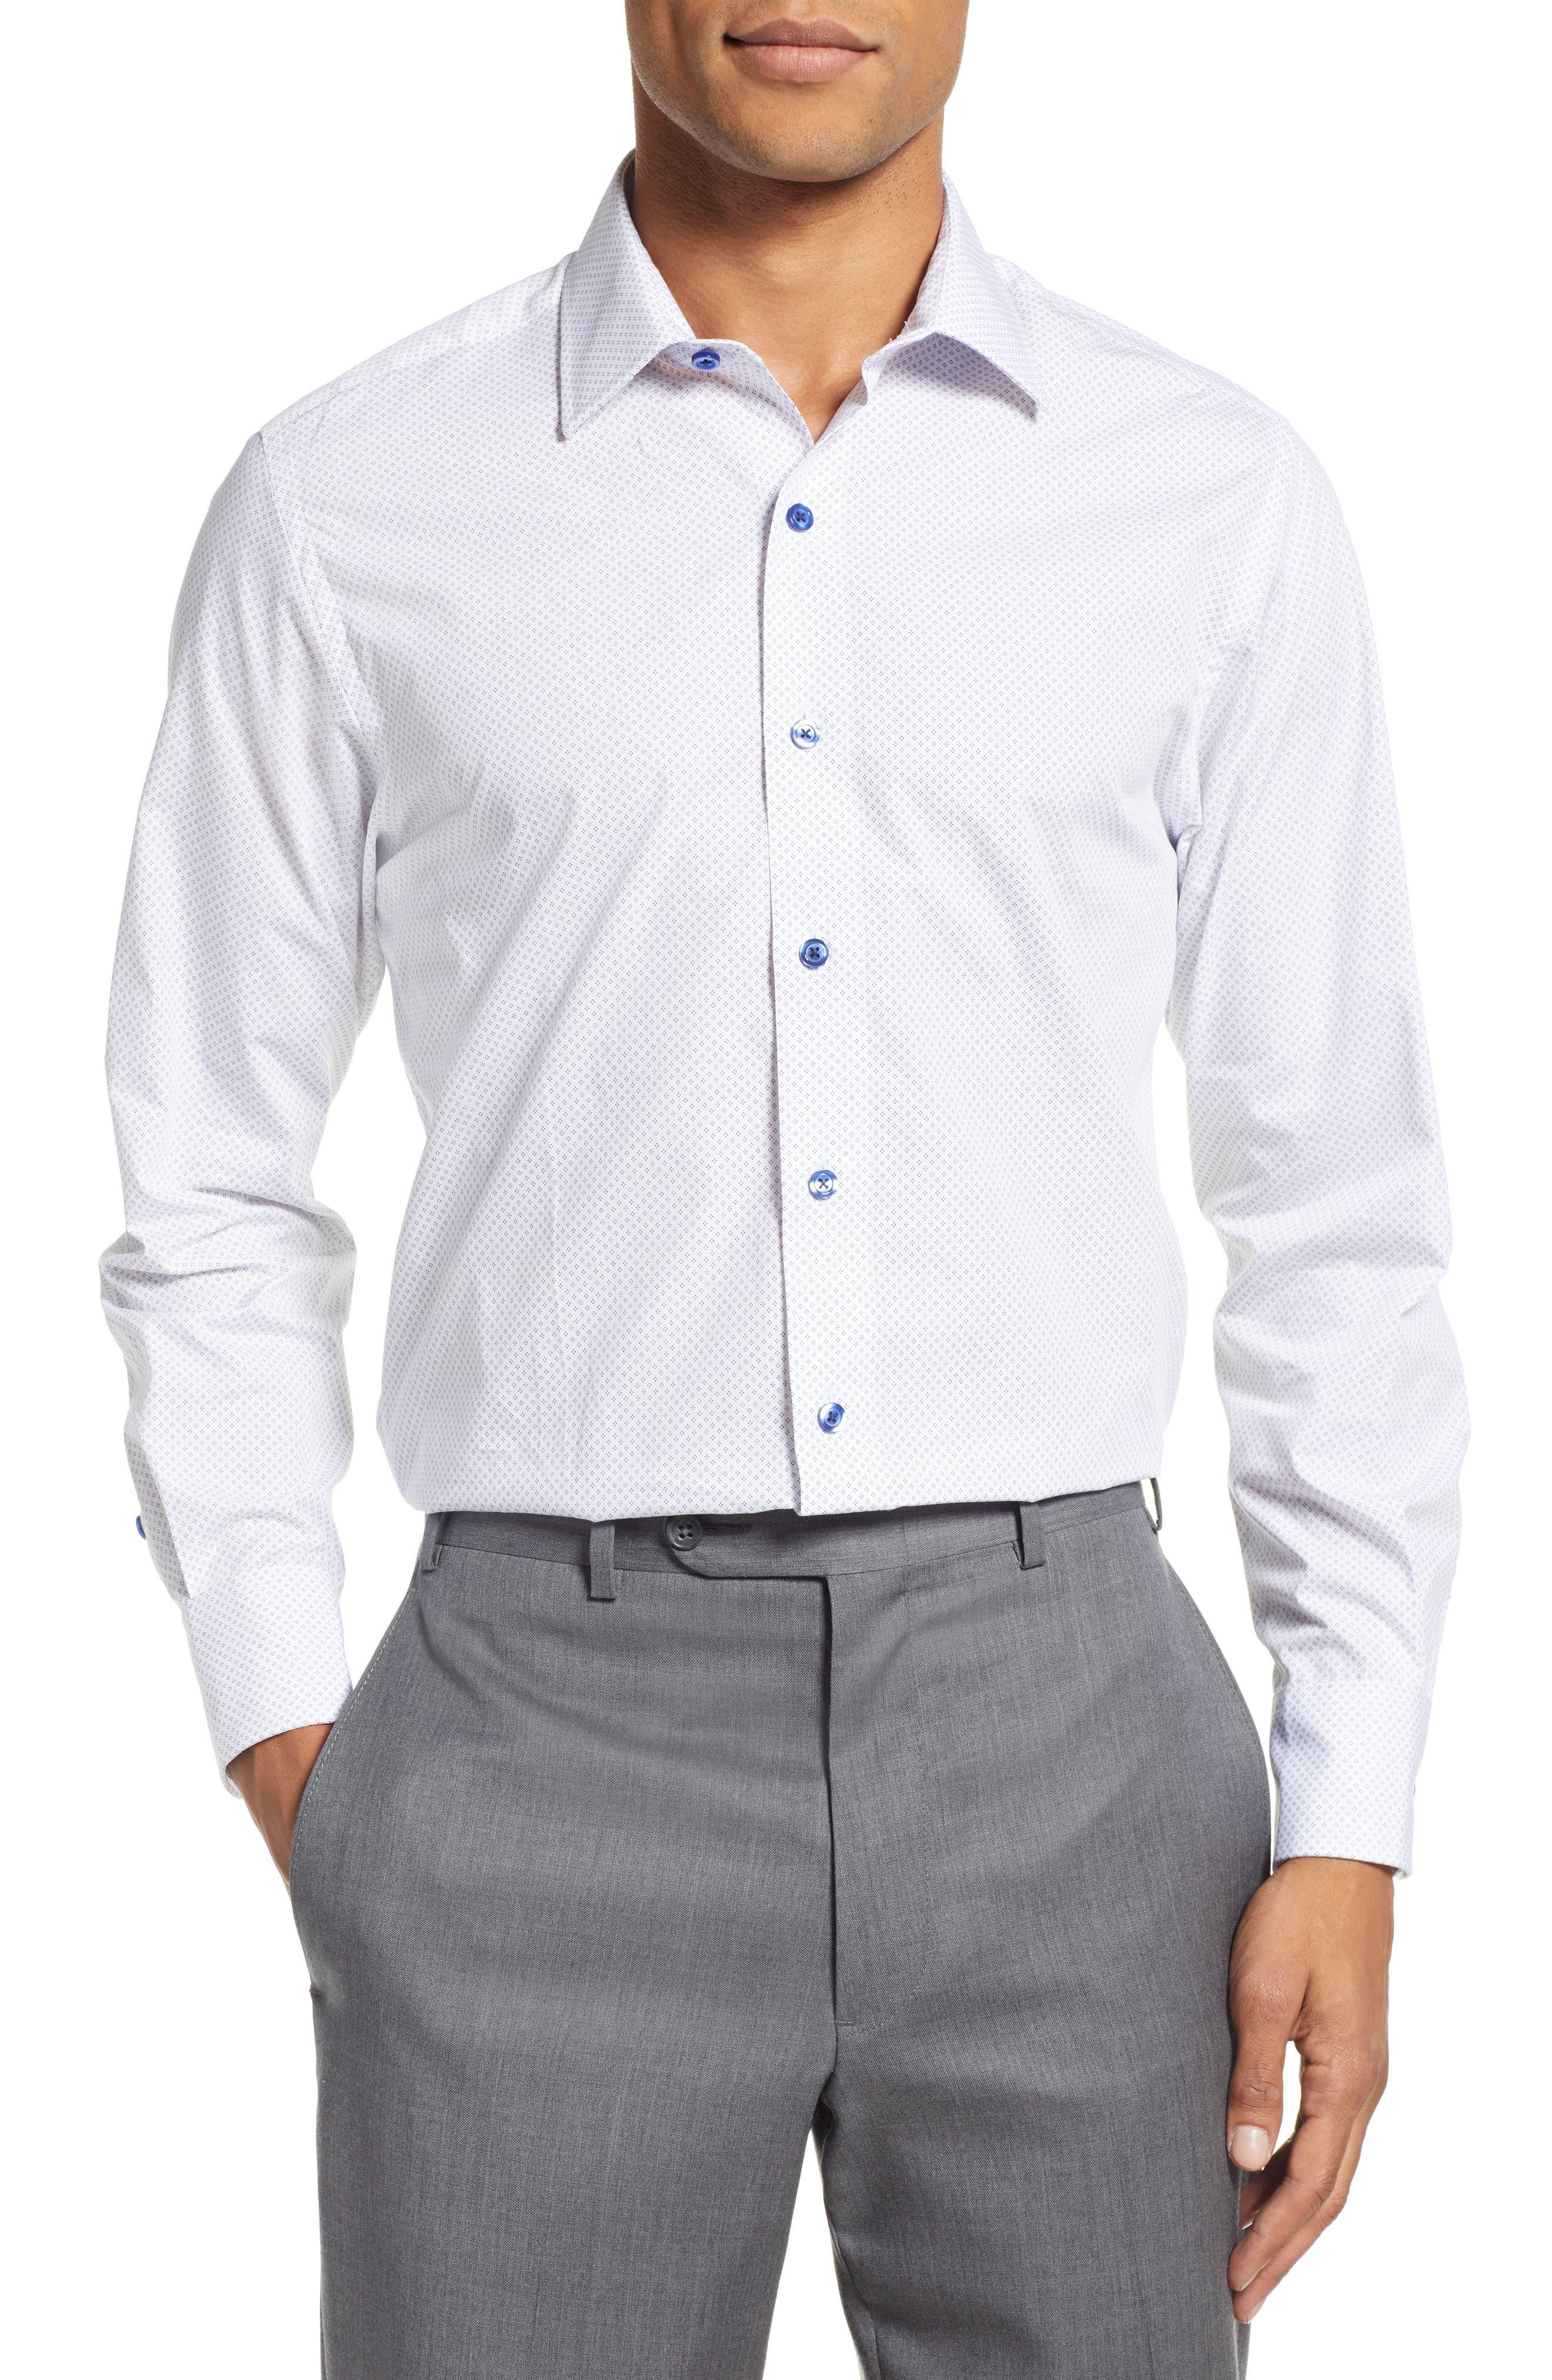 Slim Fit Diamond Dress Shirt,                             Main thumbnail 1, color,                             WHITE DIAMOND DOT